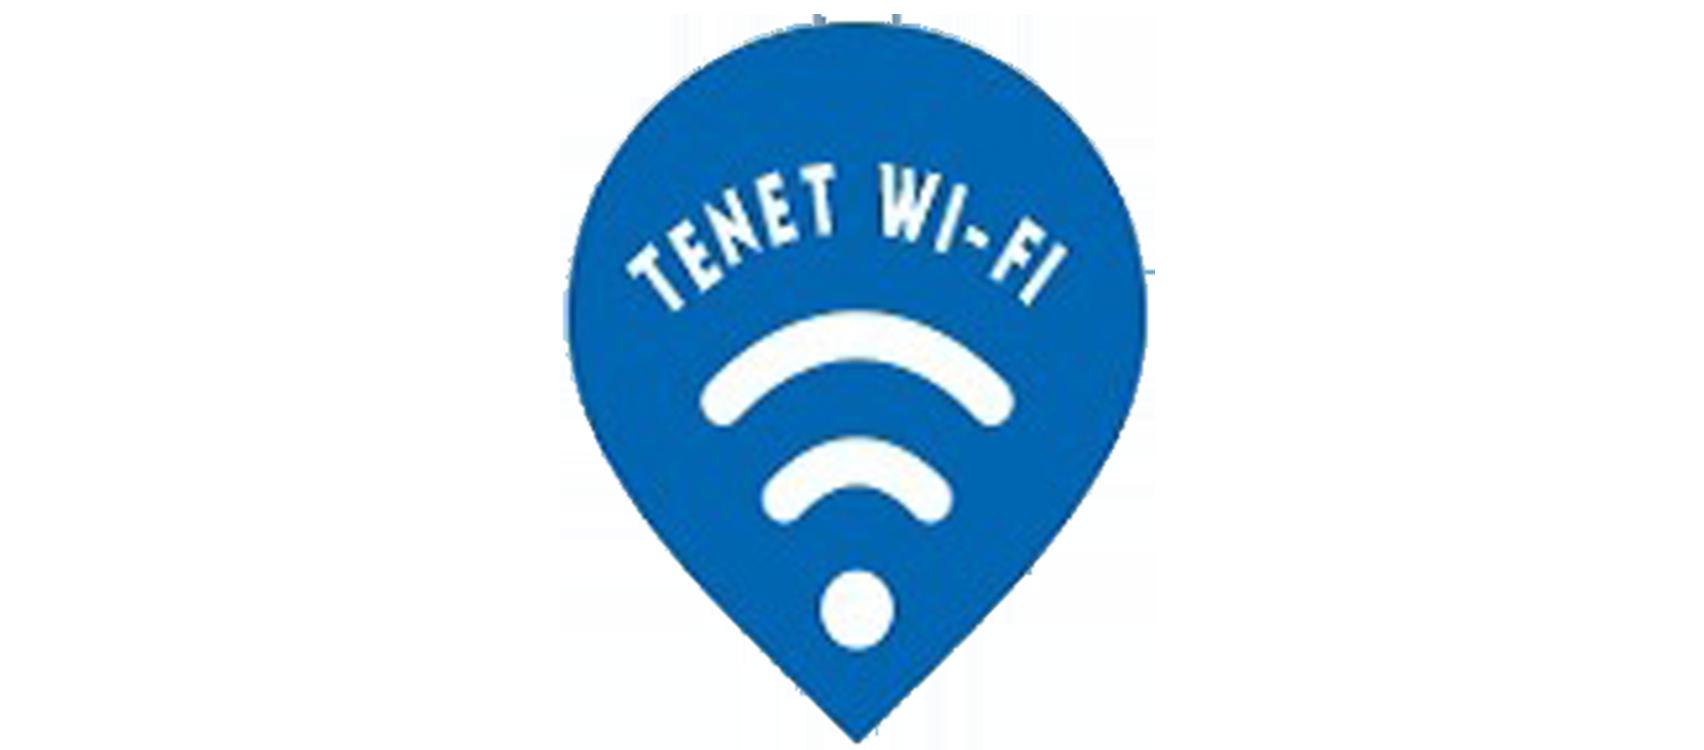 Tenet Wi-Fi - Месяц  (Одесса) - 99 грн.